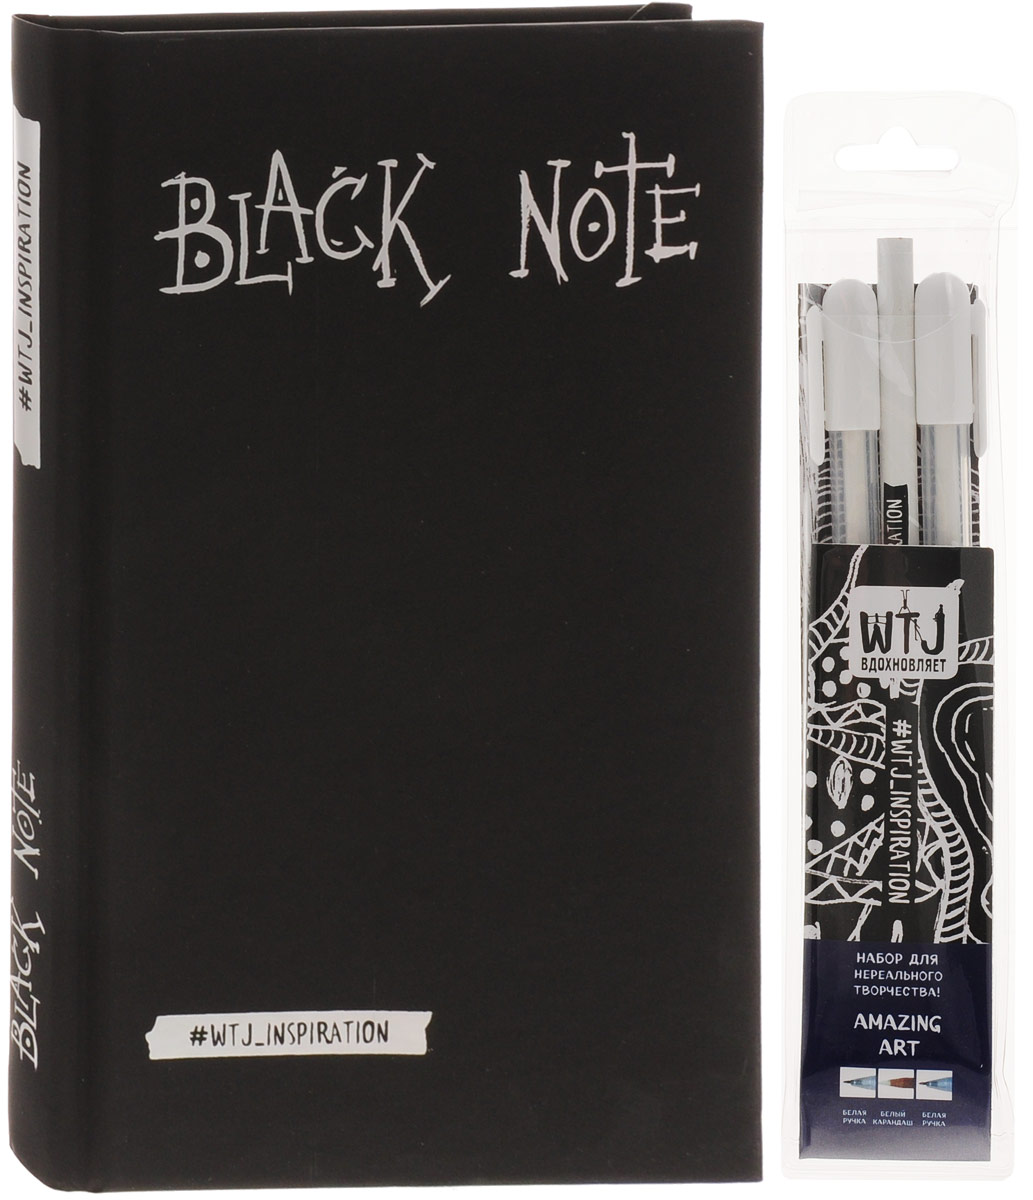 Комплект. Black Note. Креативный блокнот с черными страницами + Комплект из 2-х белых ручек и белого